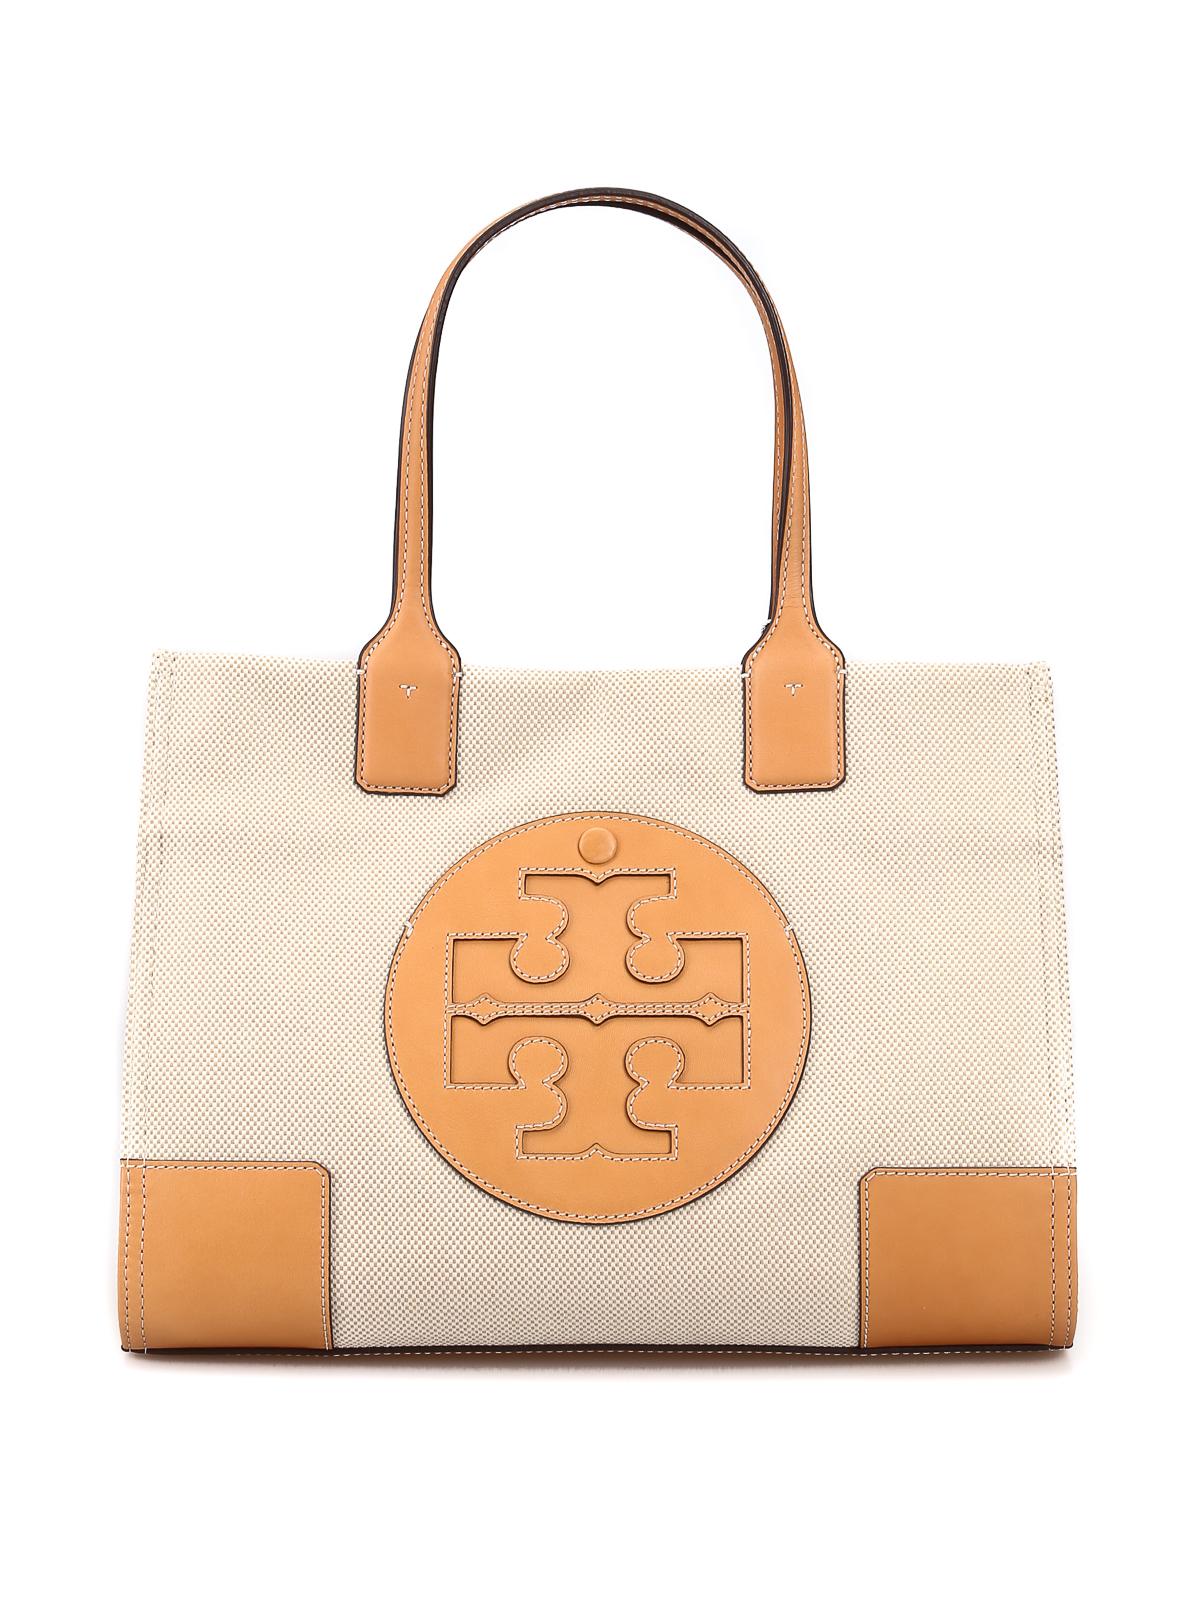 527d92caacb4 Tory Burch - Ella maxi logo canvas mini tote bag - totes bags - 45208254